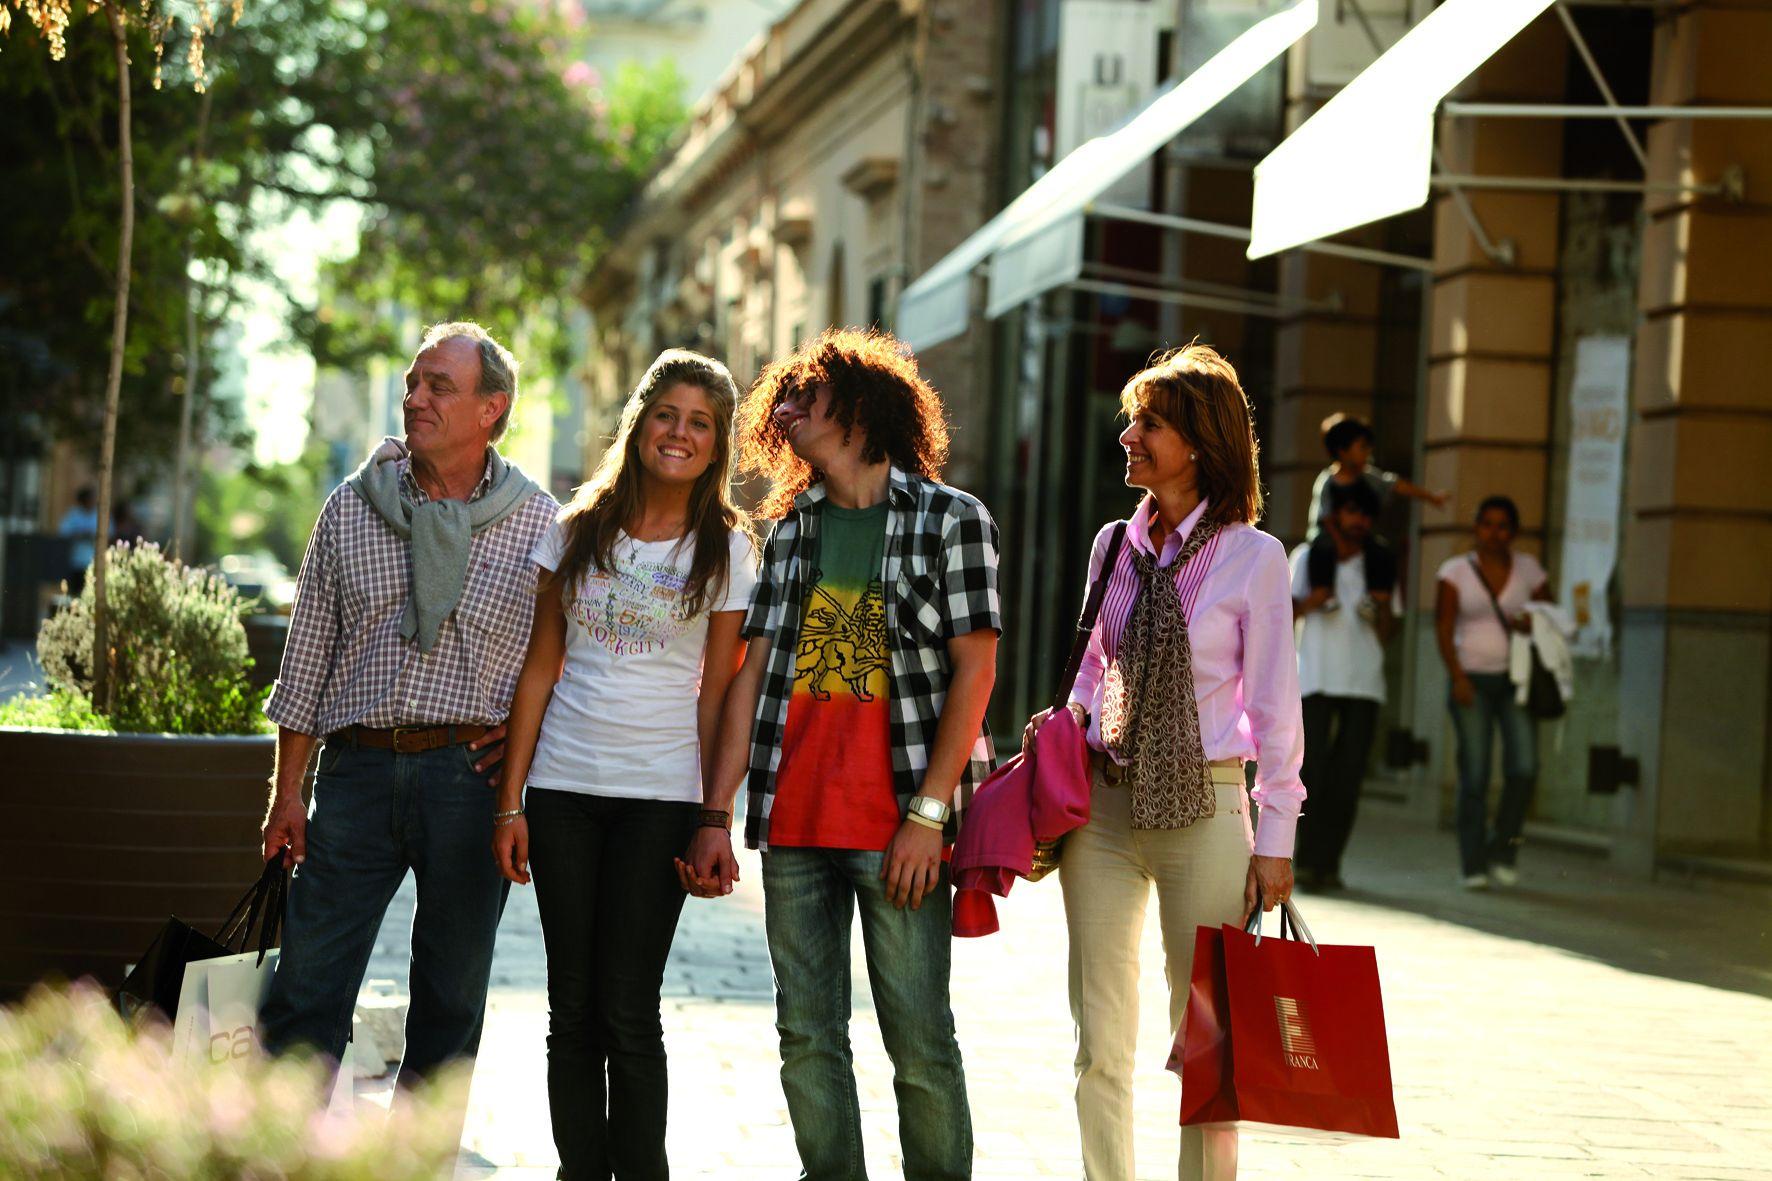 Las compras son otra de las actividades que pueden realizarse en la capital.